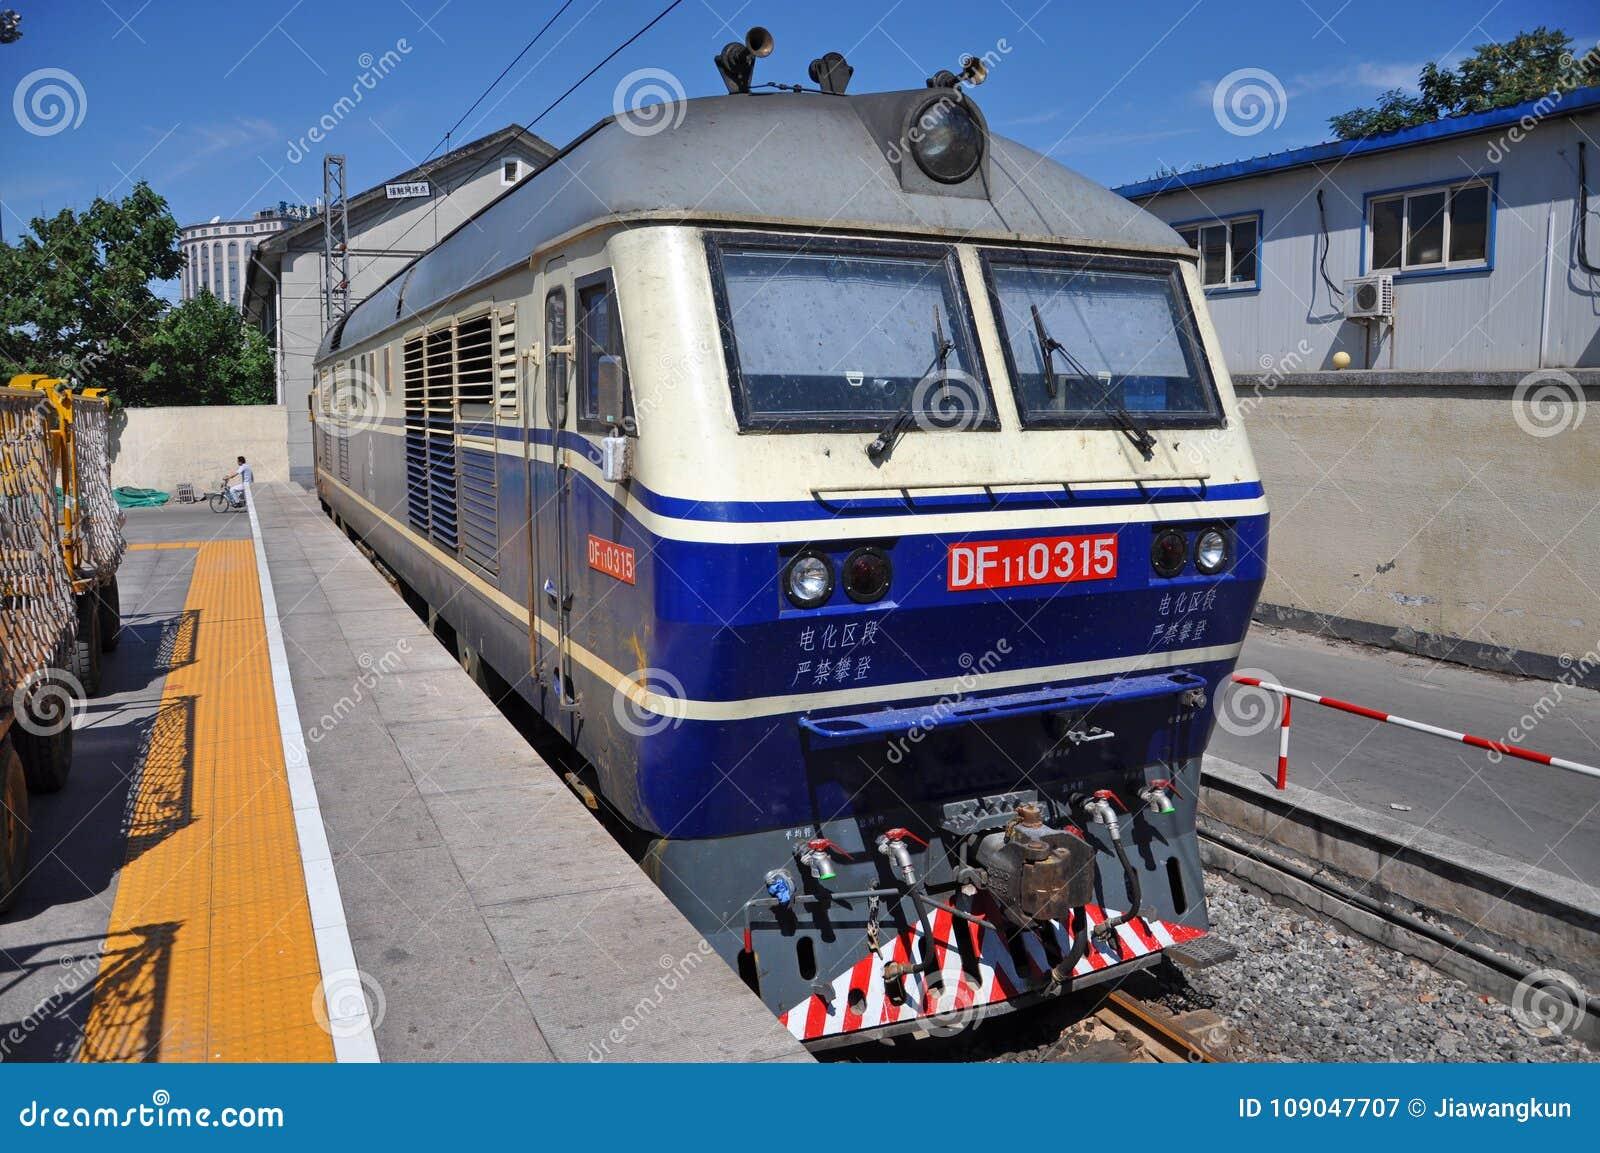 中国铁路车���d_中国铁路df11内燃机车